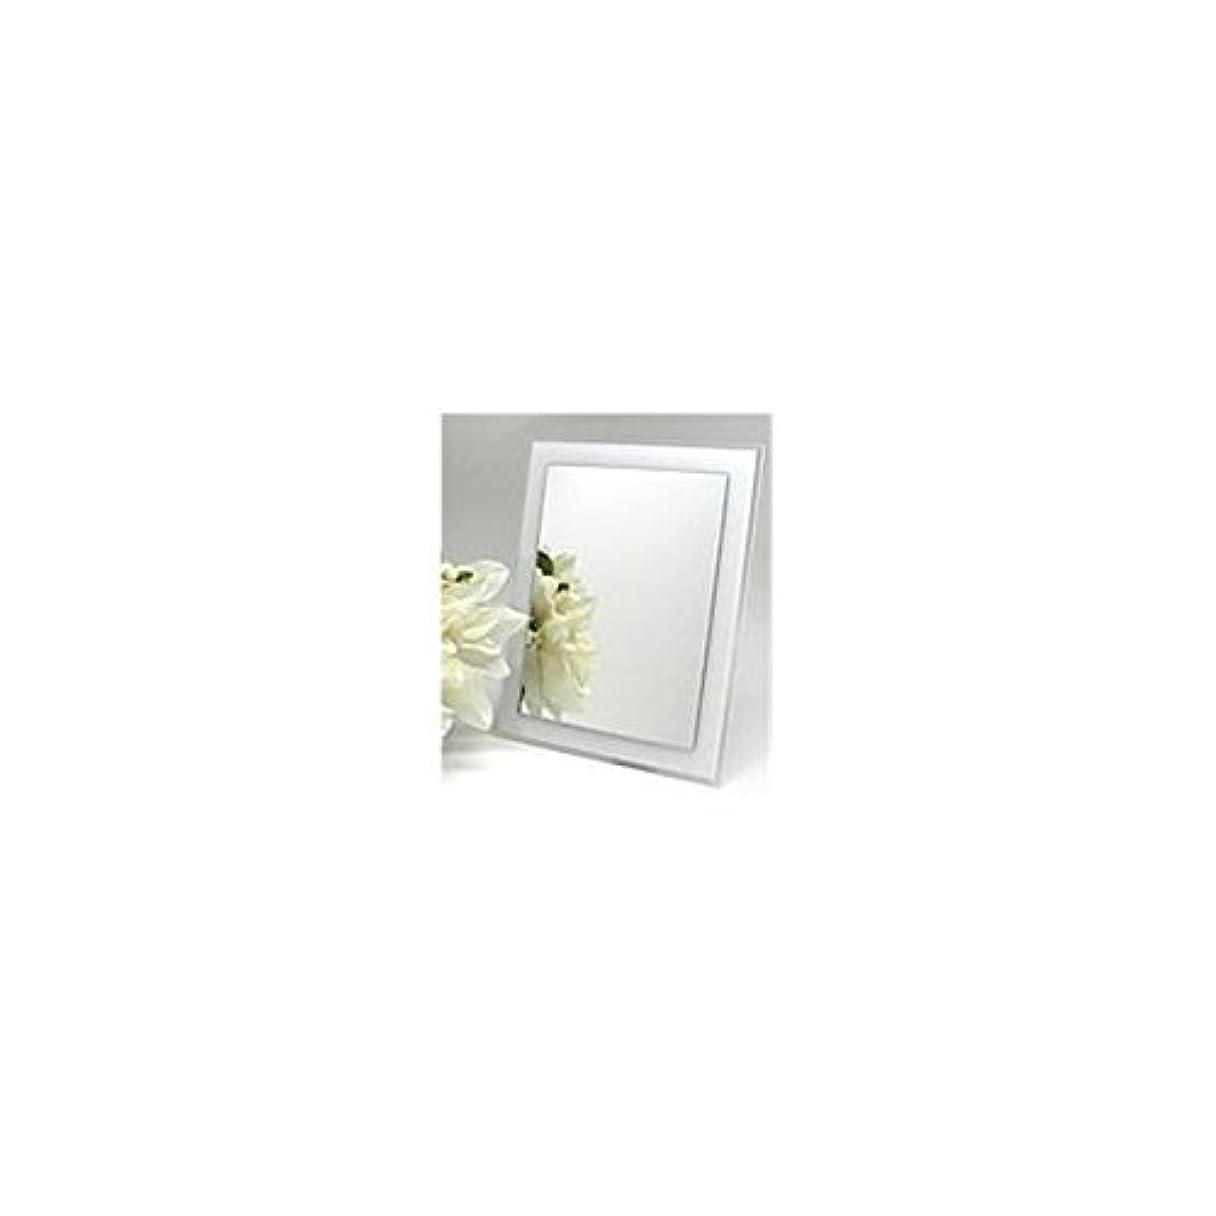 出血マエストロお嬢メリー ミラー ホワイト 本体:24.5×19.5×2cm、鏡面:20×15cm